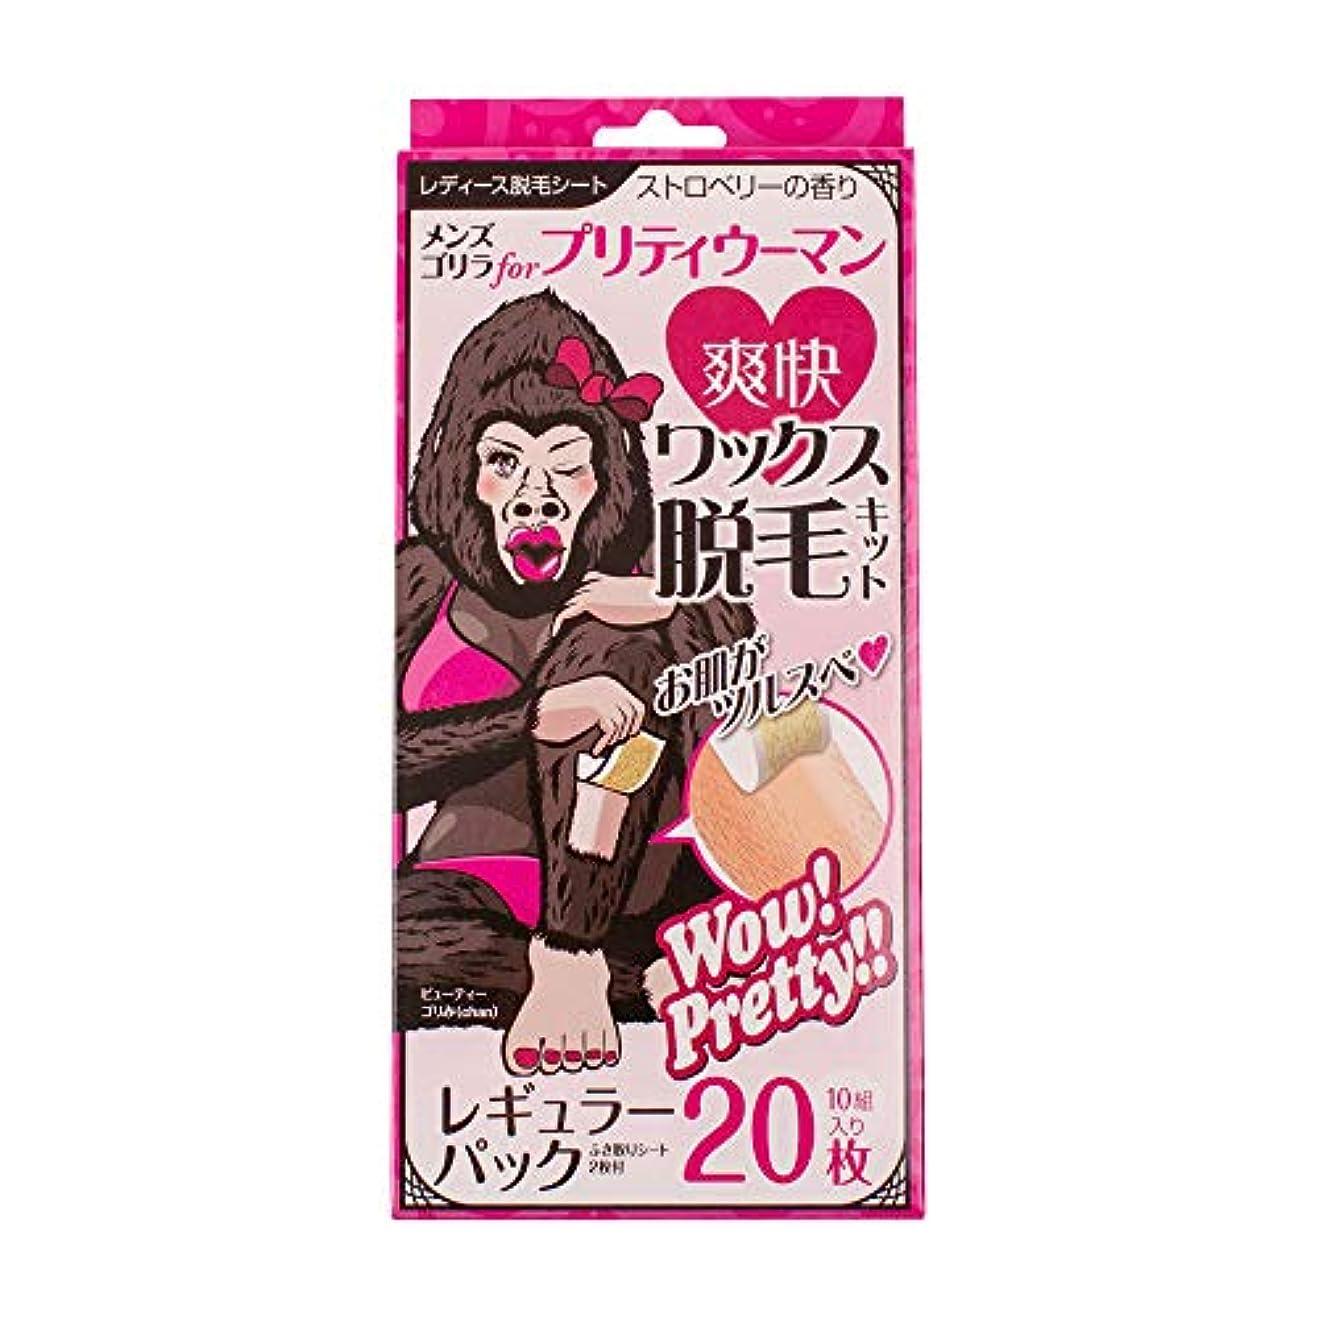 操作親密なロールメンズゴリラ for pretty womenゴリみ ワックス脱毛シート レギュラーパック10組20枚入り